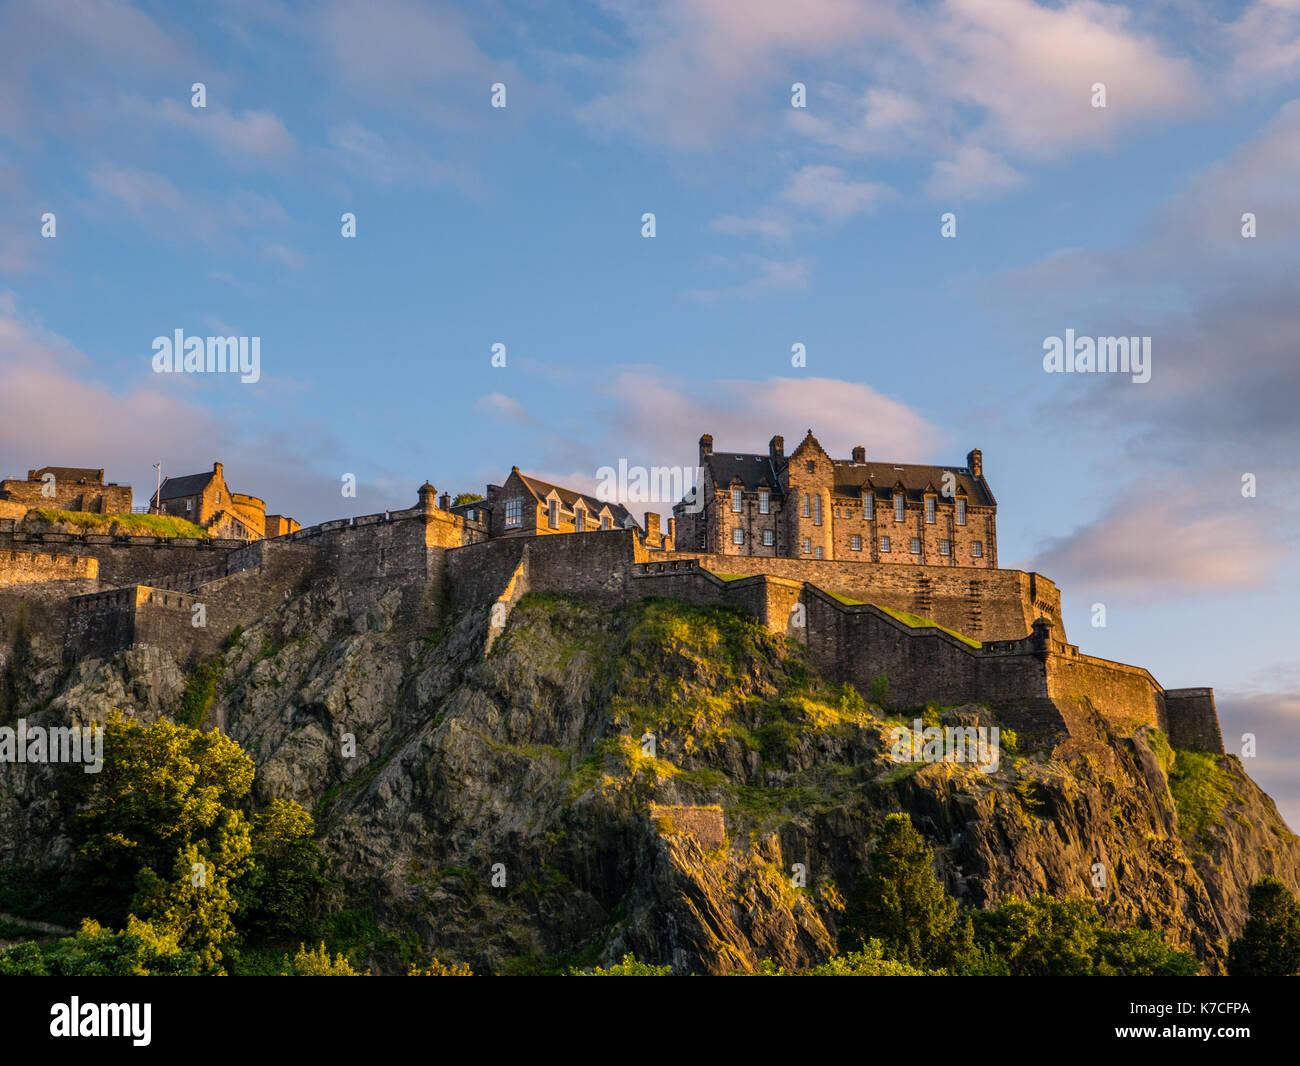 Sunset, il Castello di Edimburgo, visto dai giardini di Princes Street e il Castello di Edimburgo, Castle Rock, Edimburgo, Scozia. Immagini Stock